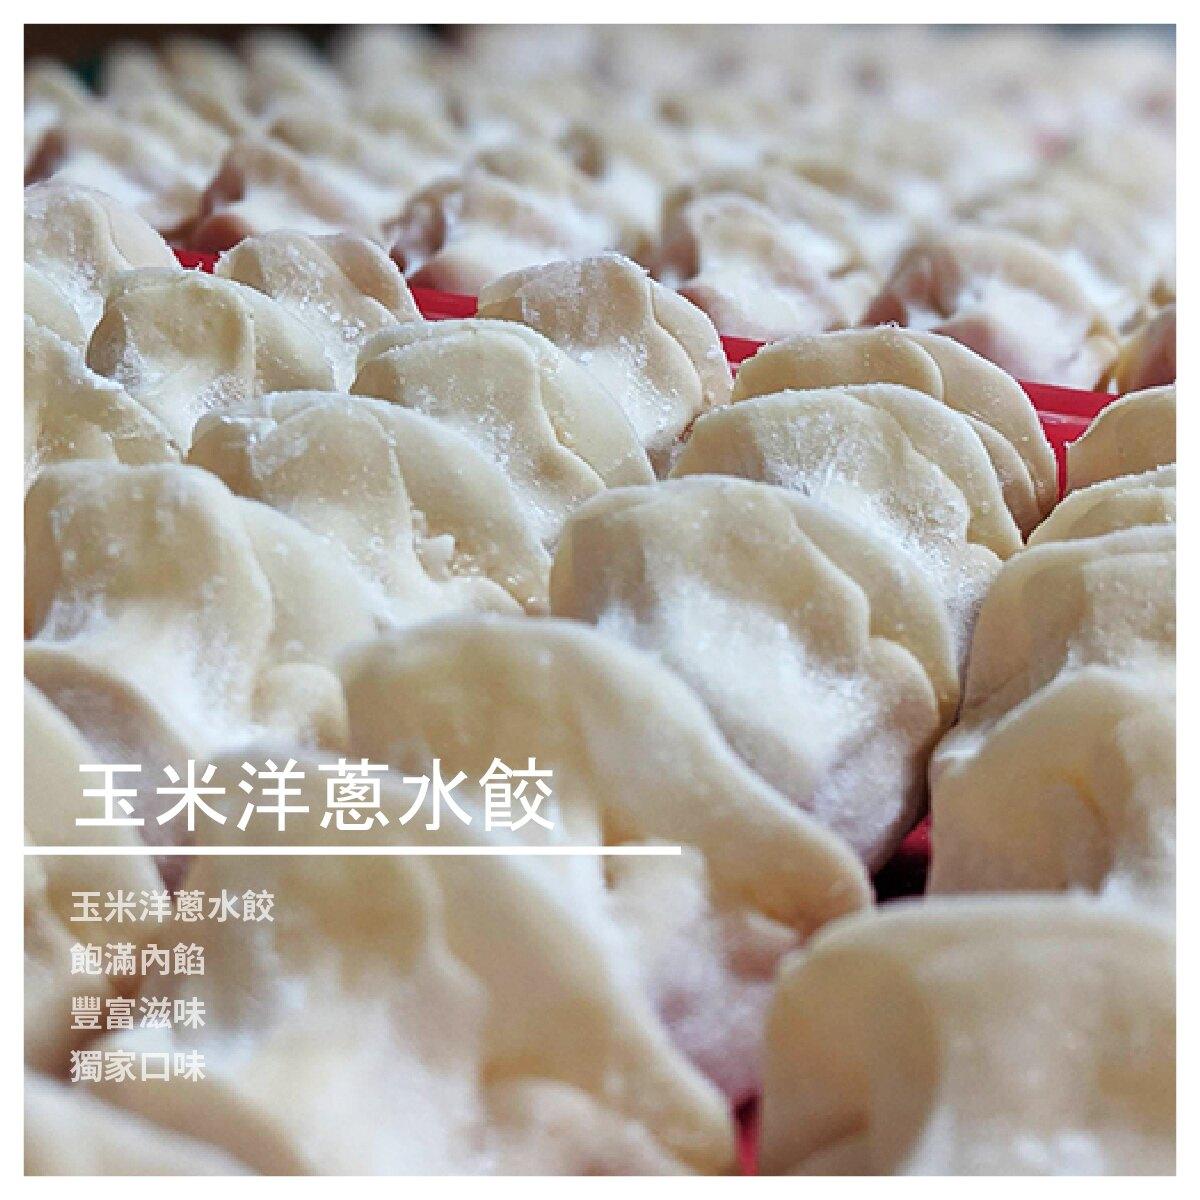 【中山吳記水餃】玉米洋蔥水餃/包